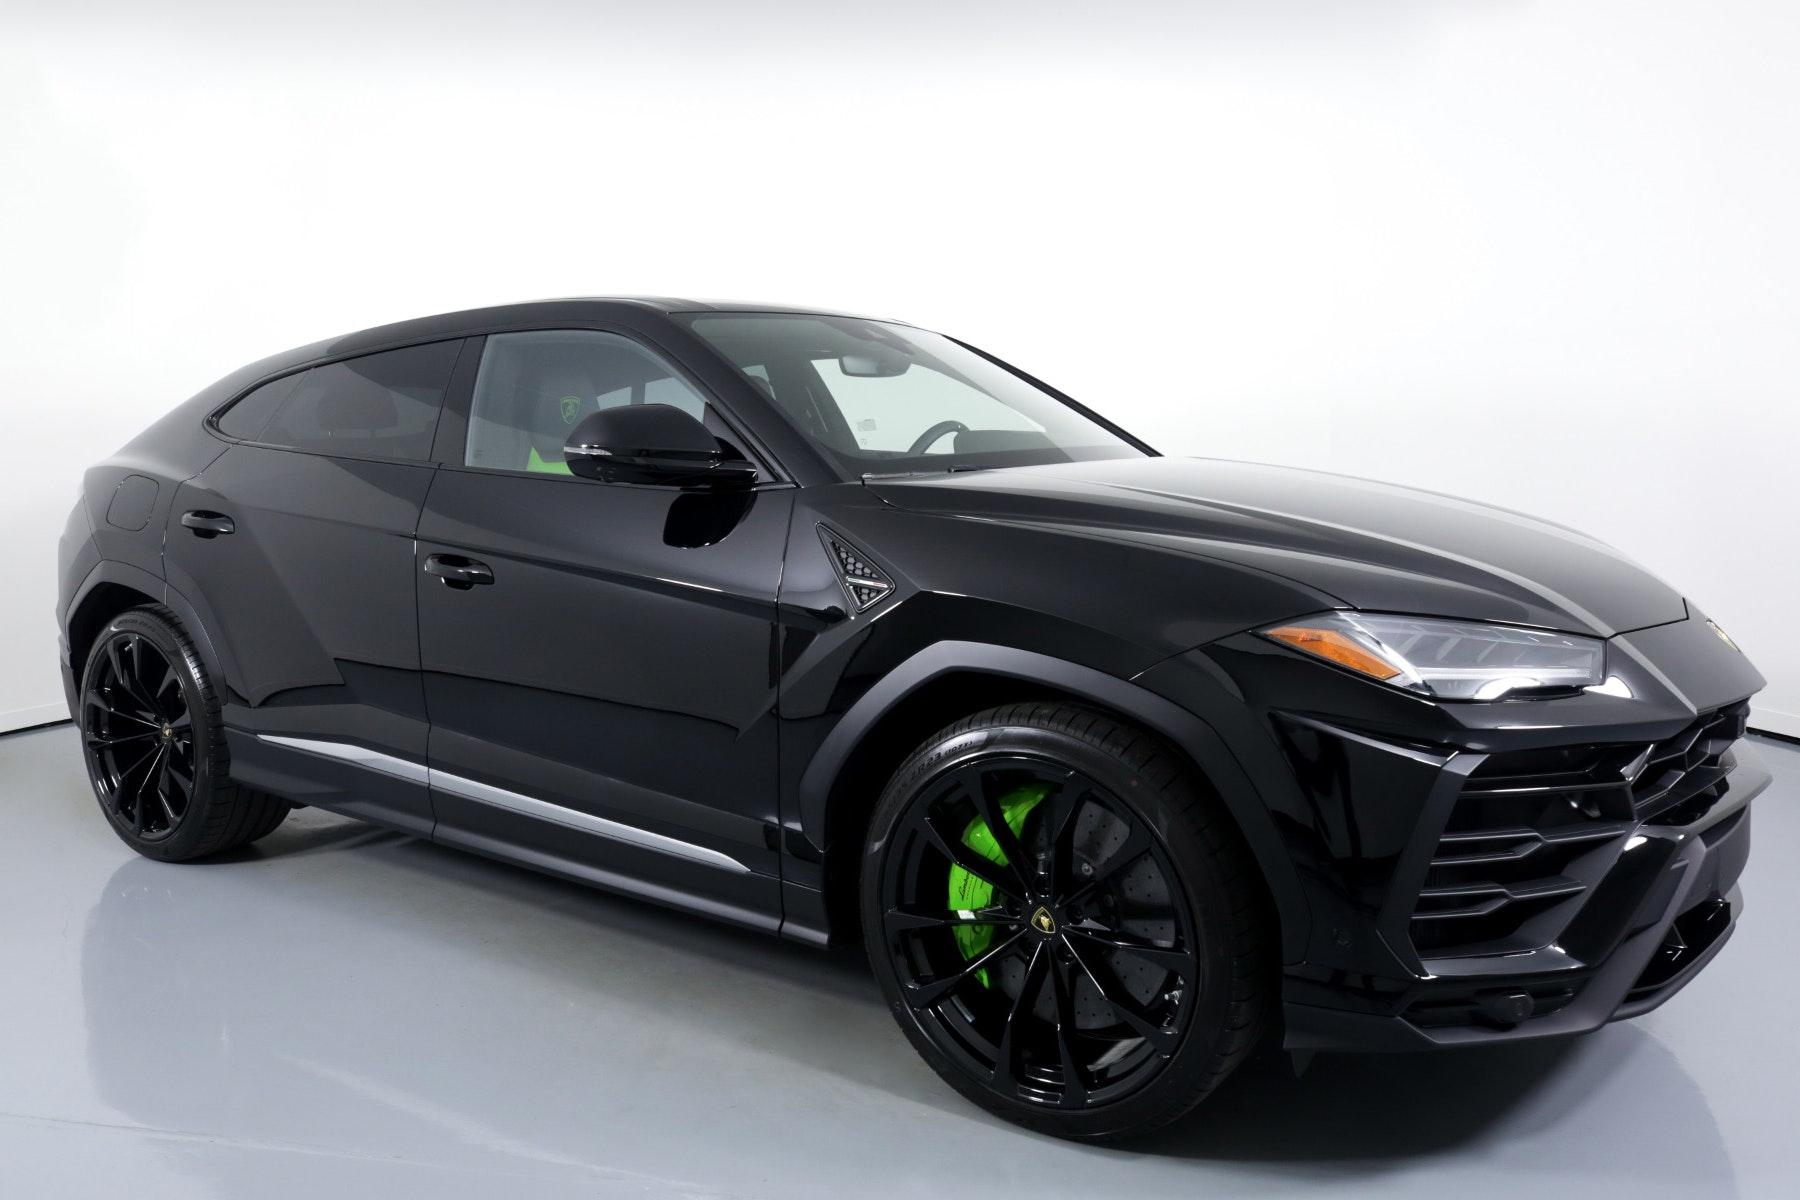 Miami Lamborghini Urus image #1